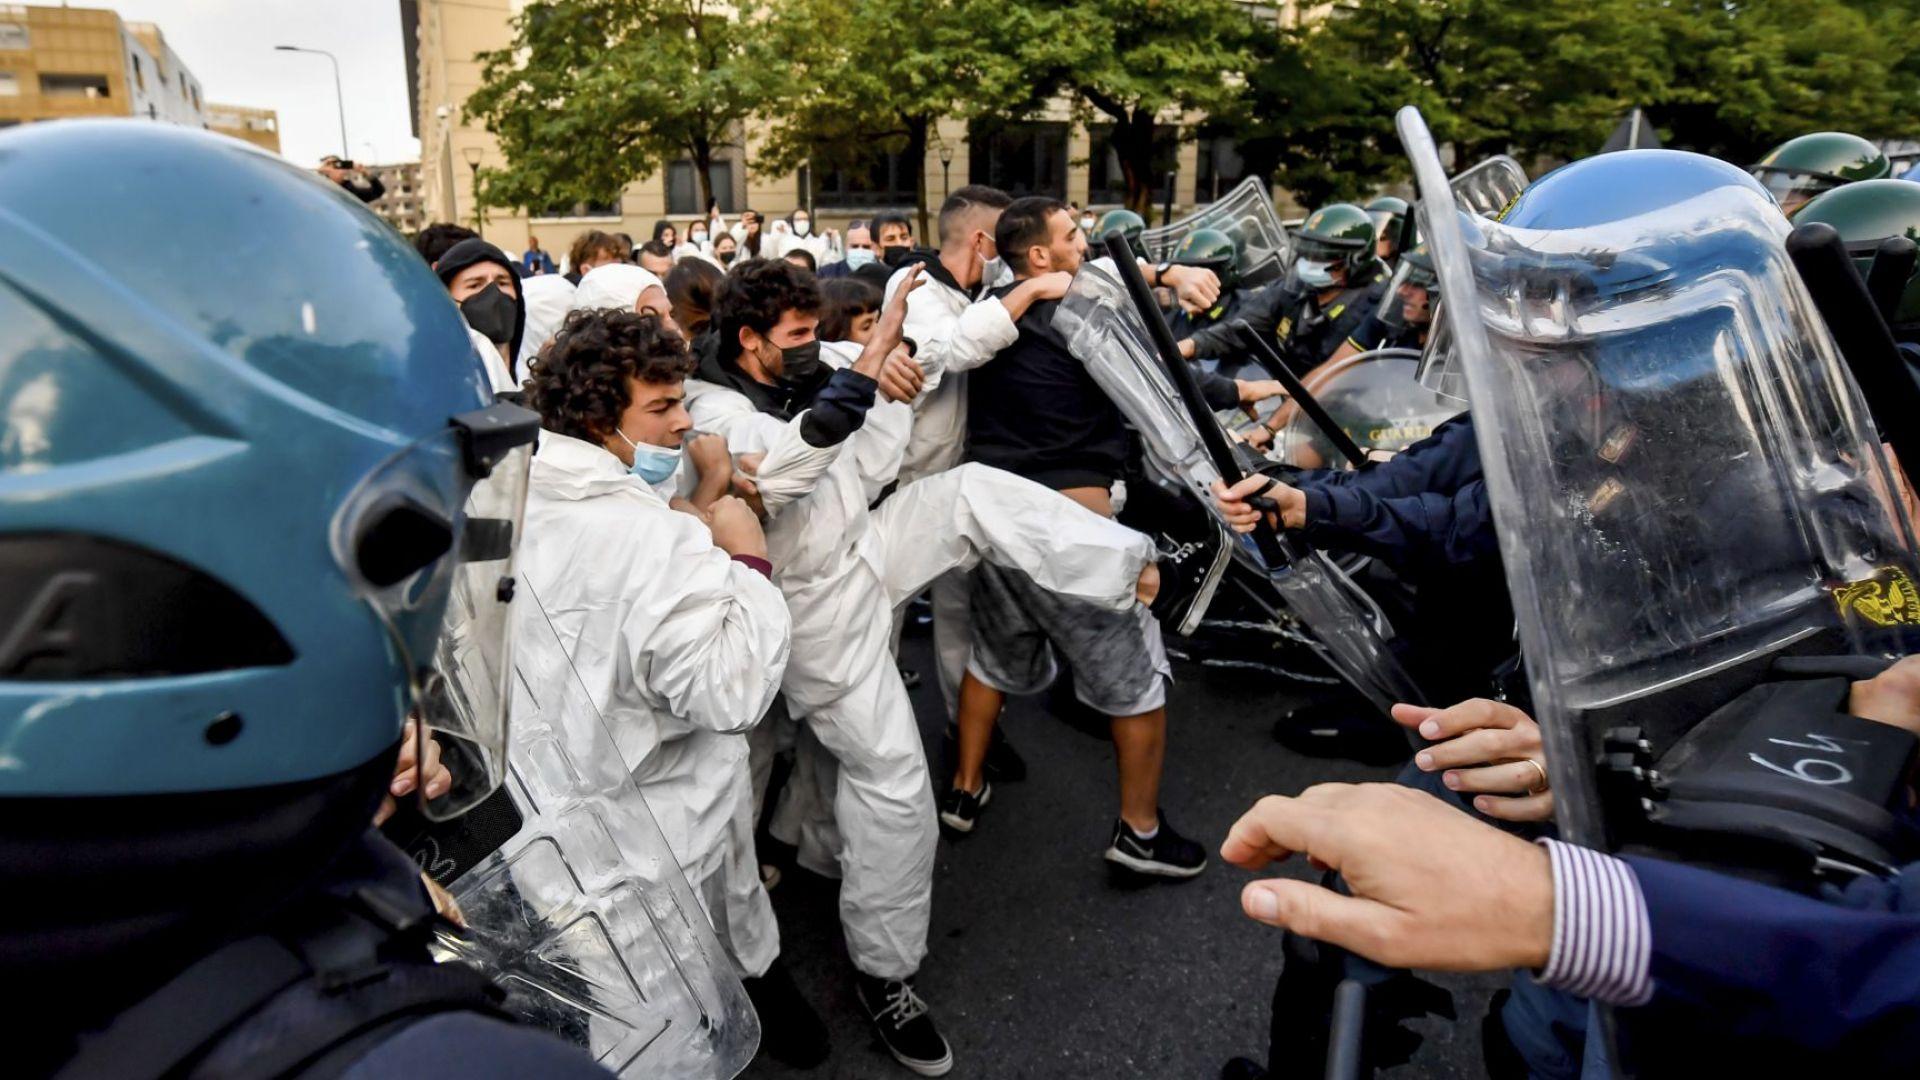 Екоактивисти влязоха в сблъсъци с полицията в Милано (снимки)